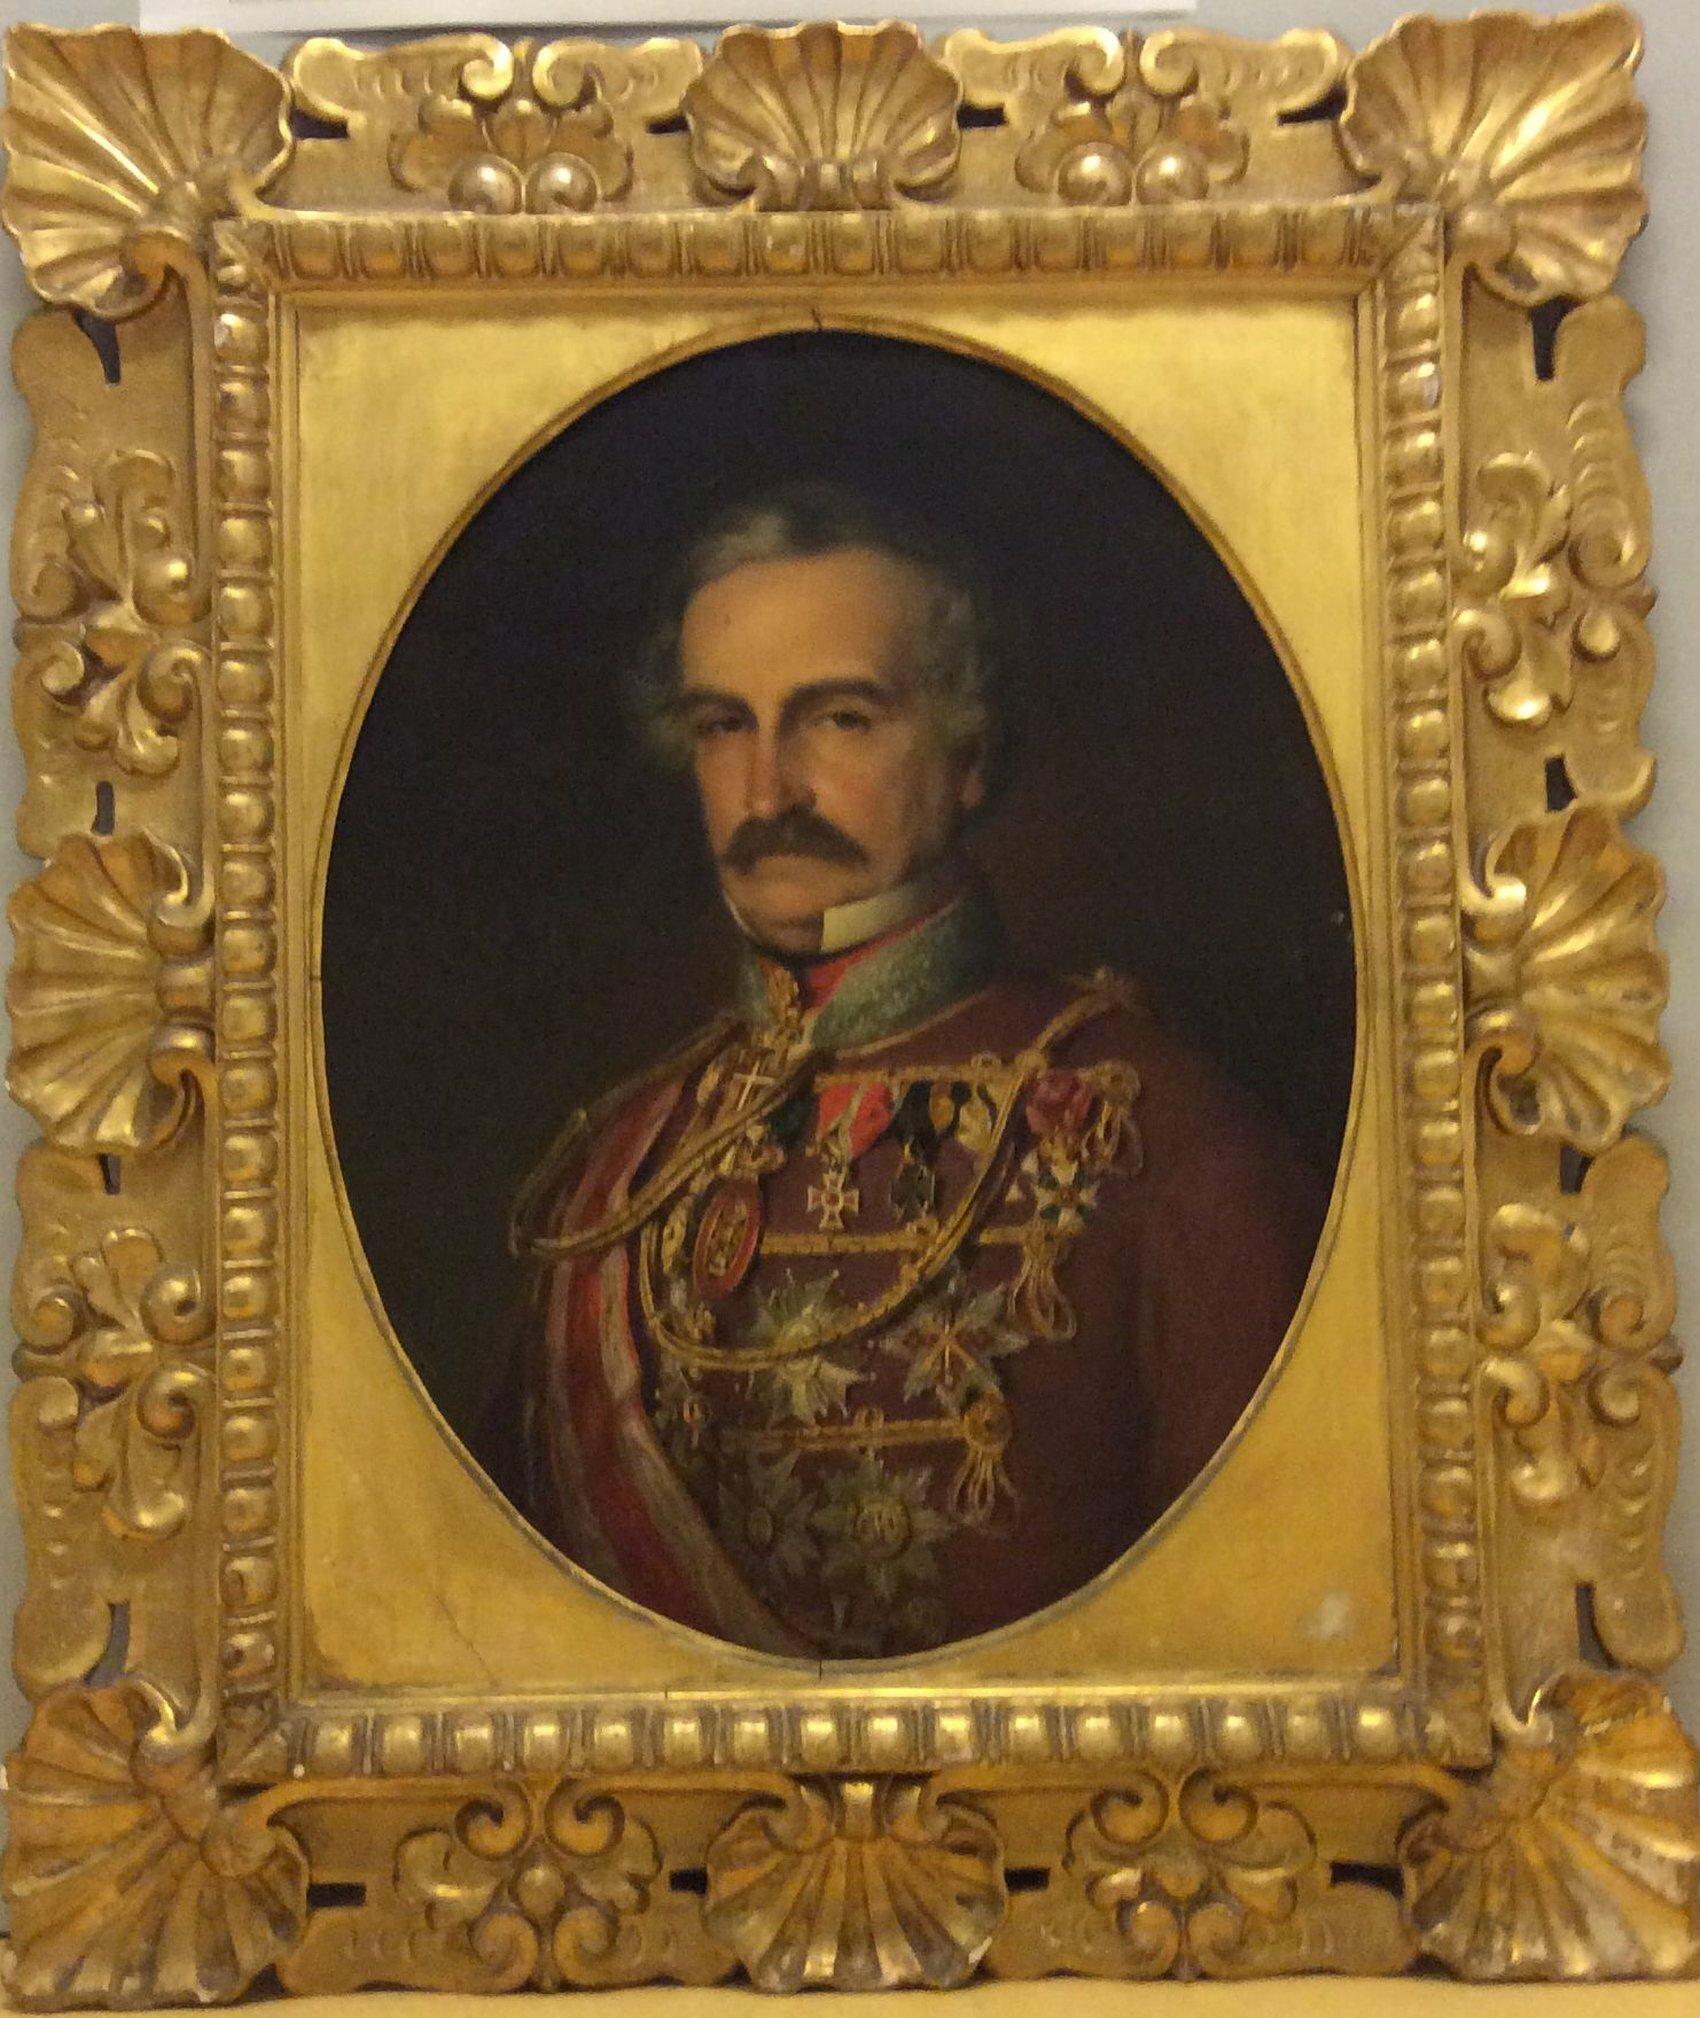 Carl Alexander Anselm Baron von Hügel von Josef Neugebauer